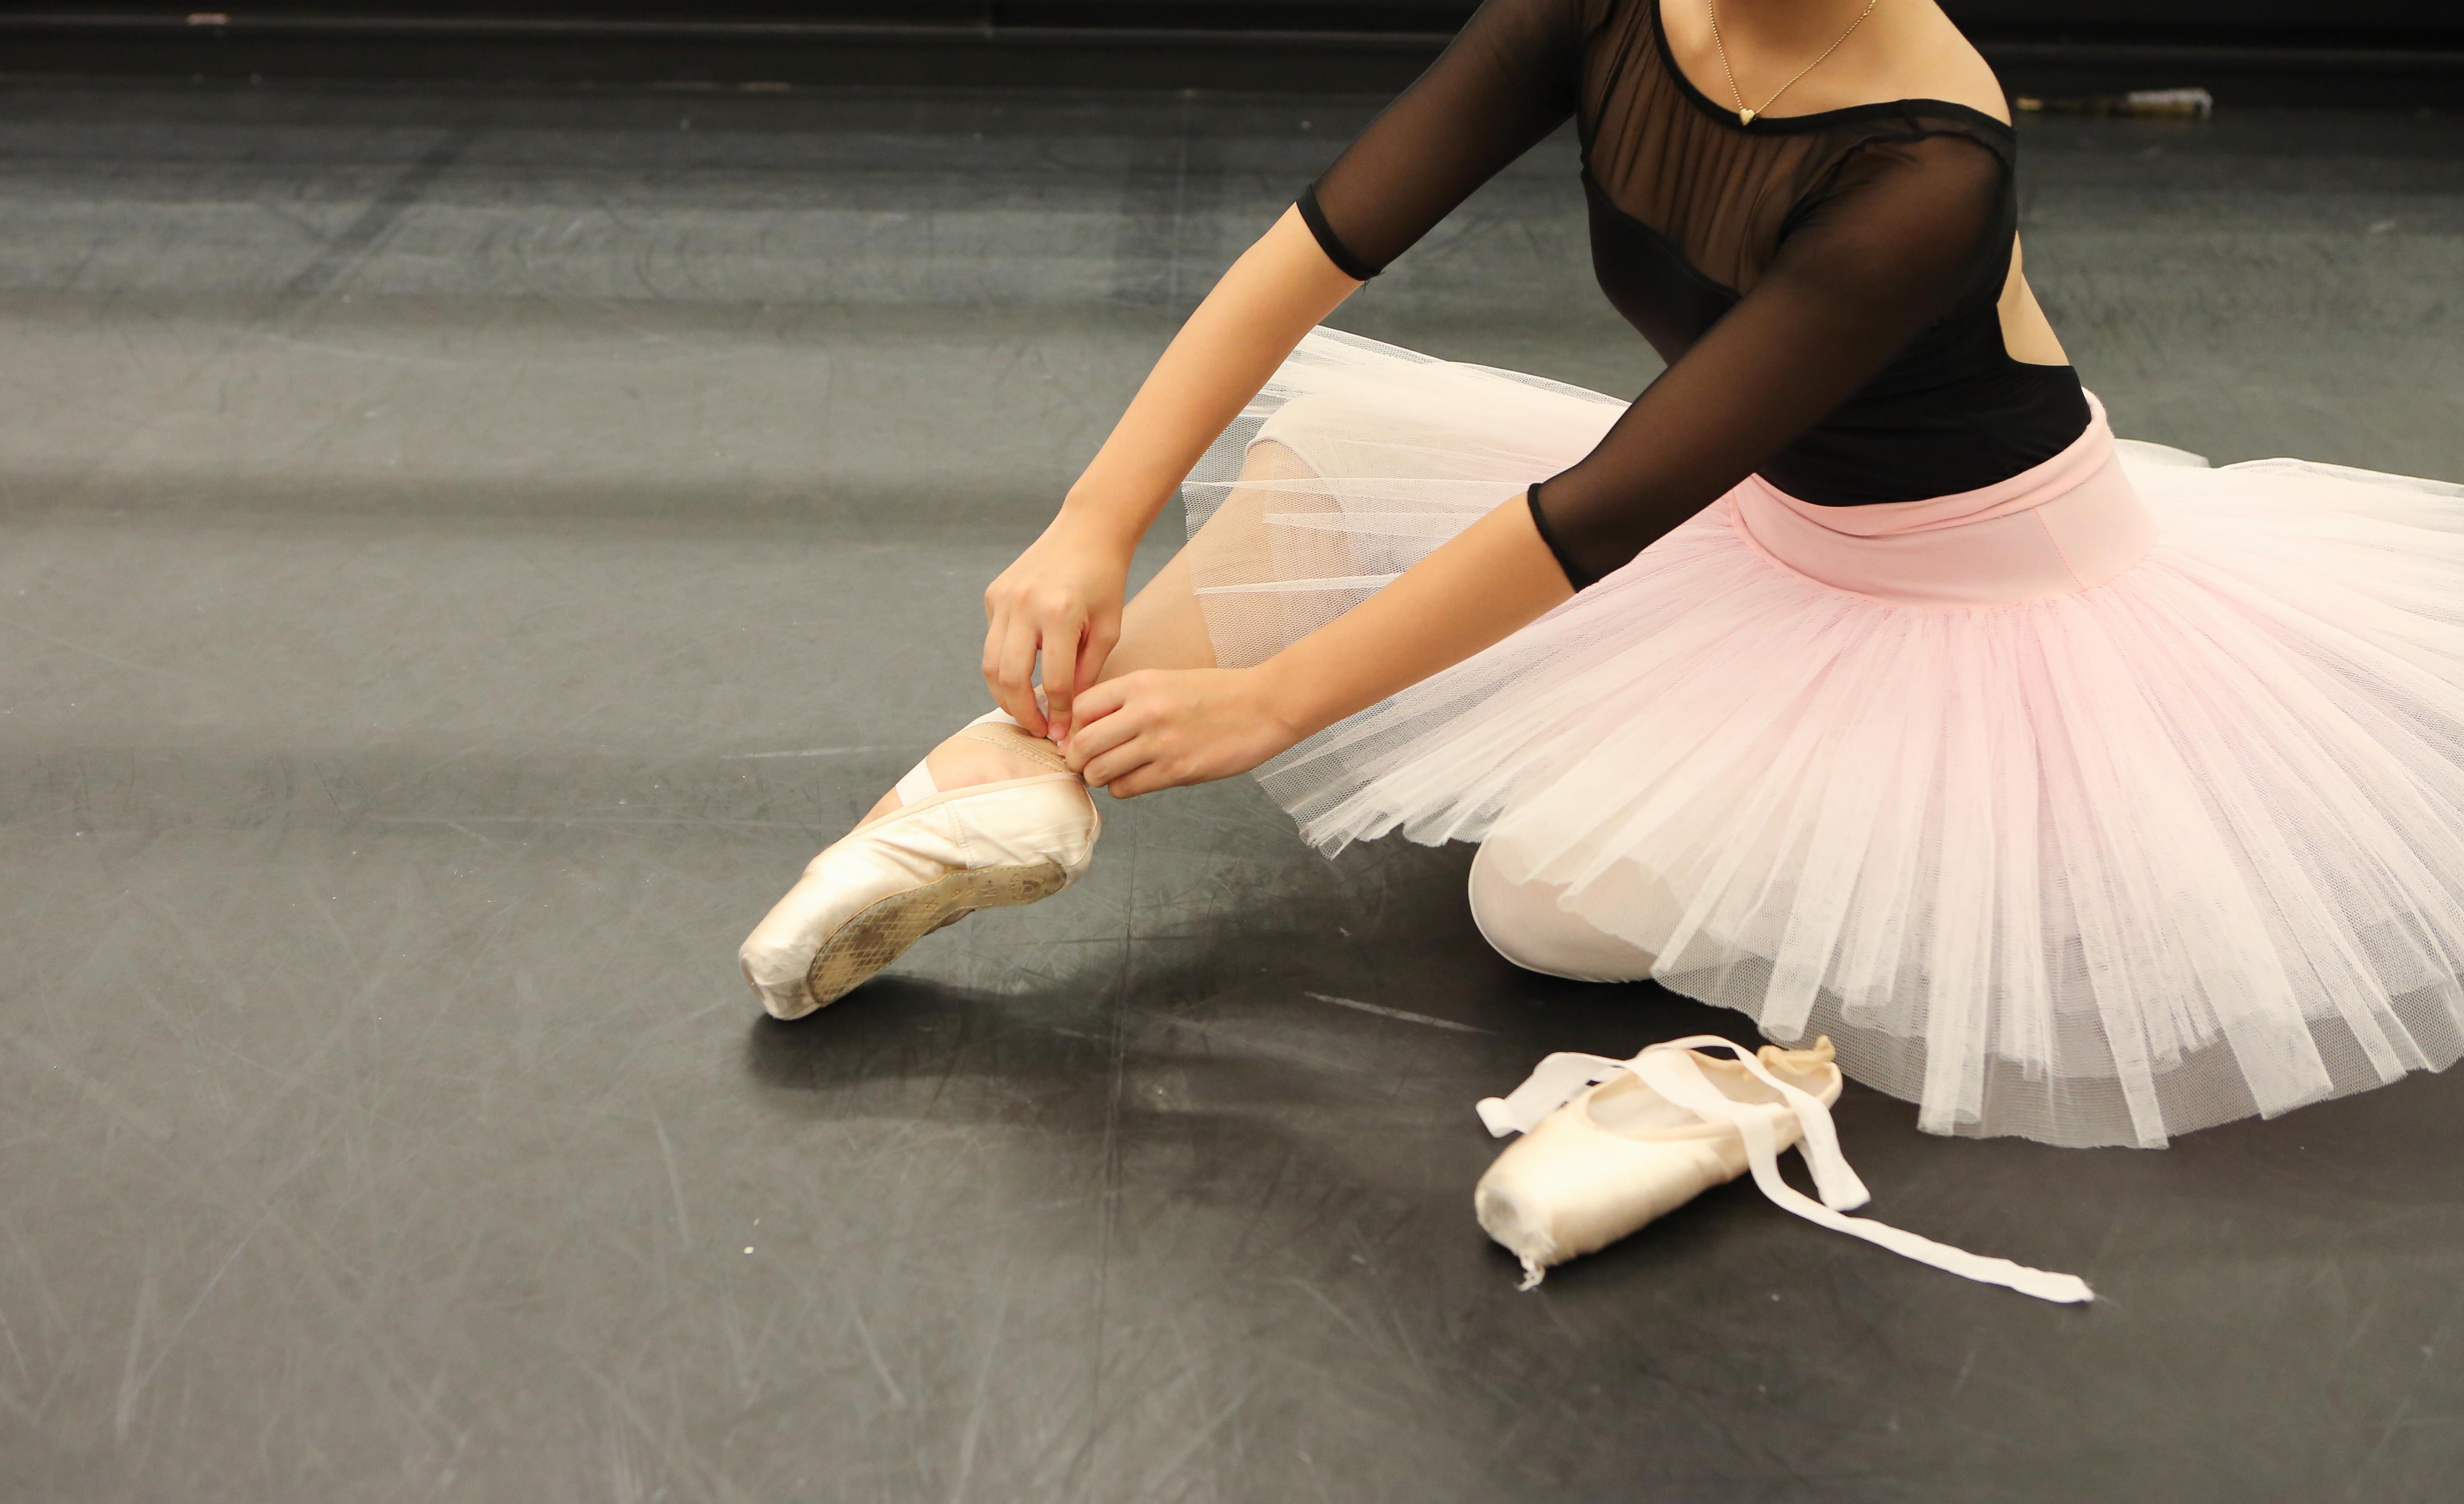 【渋谷・表参道バレエスクールAngel R】バレエのオープンクラスとは?メリット・デメリット教えます